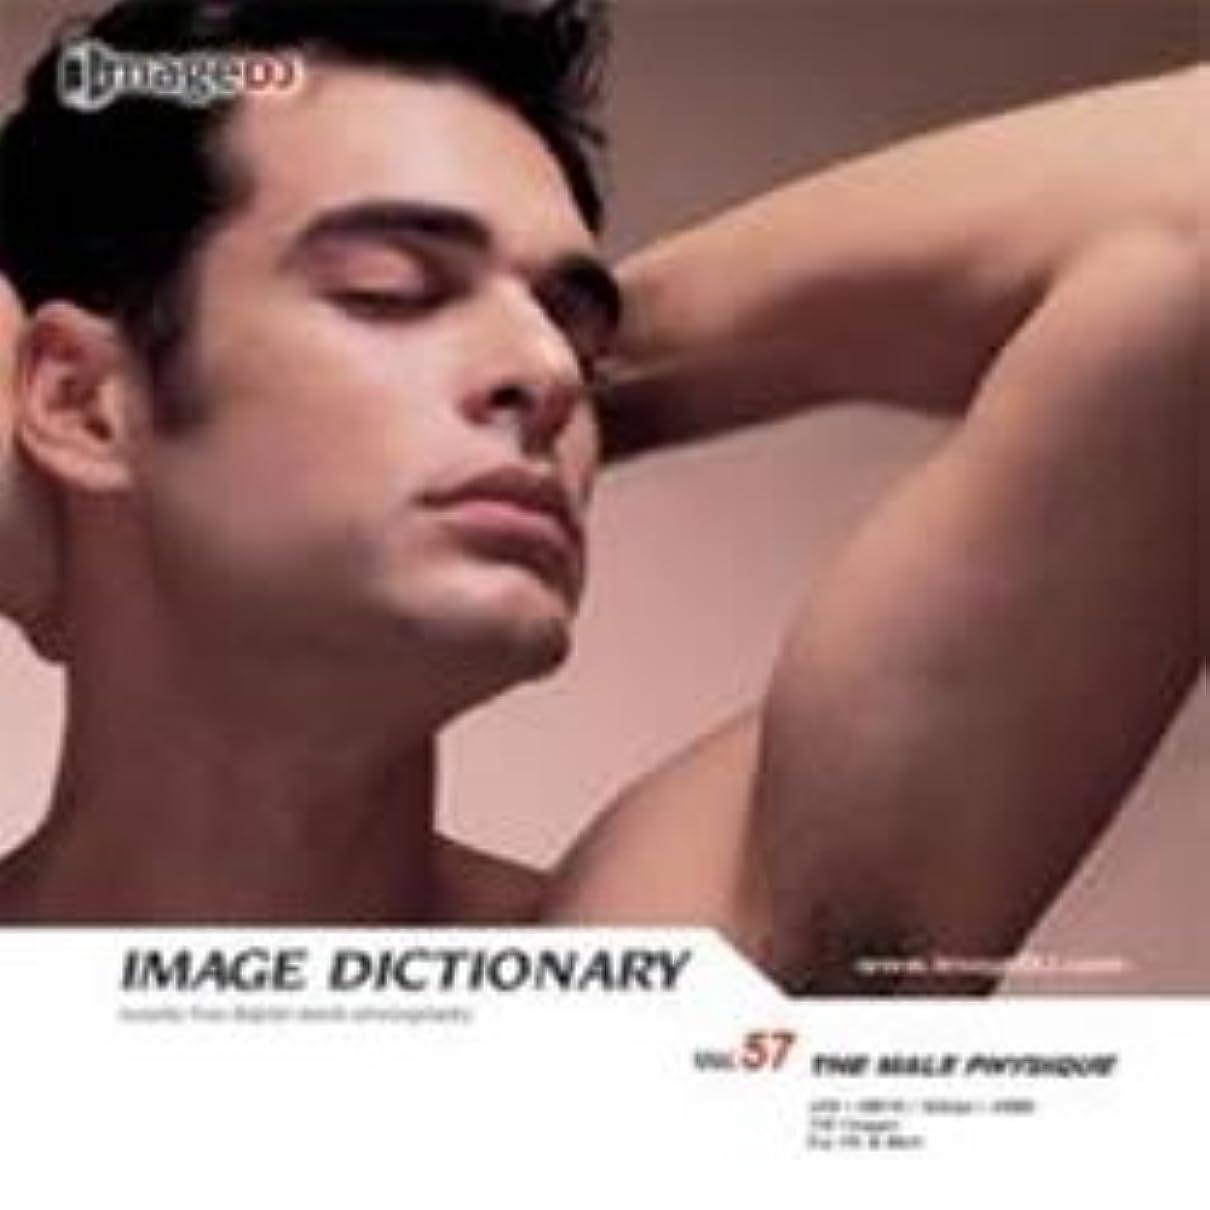 ジョリーできればおかしいイメージ ディクショナリー Vol.57 男性の上半身